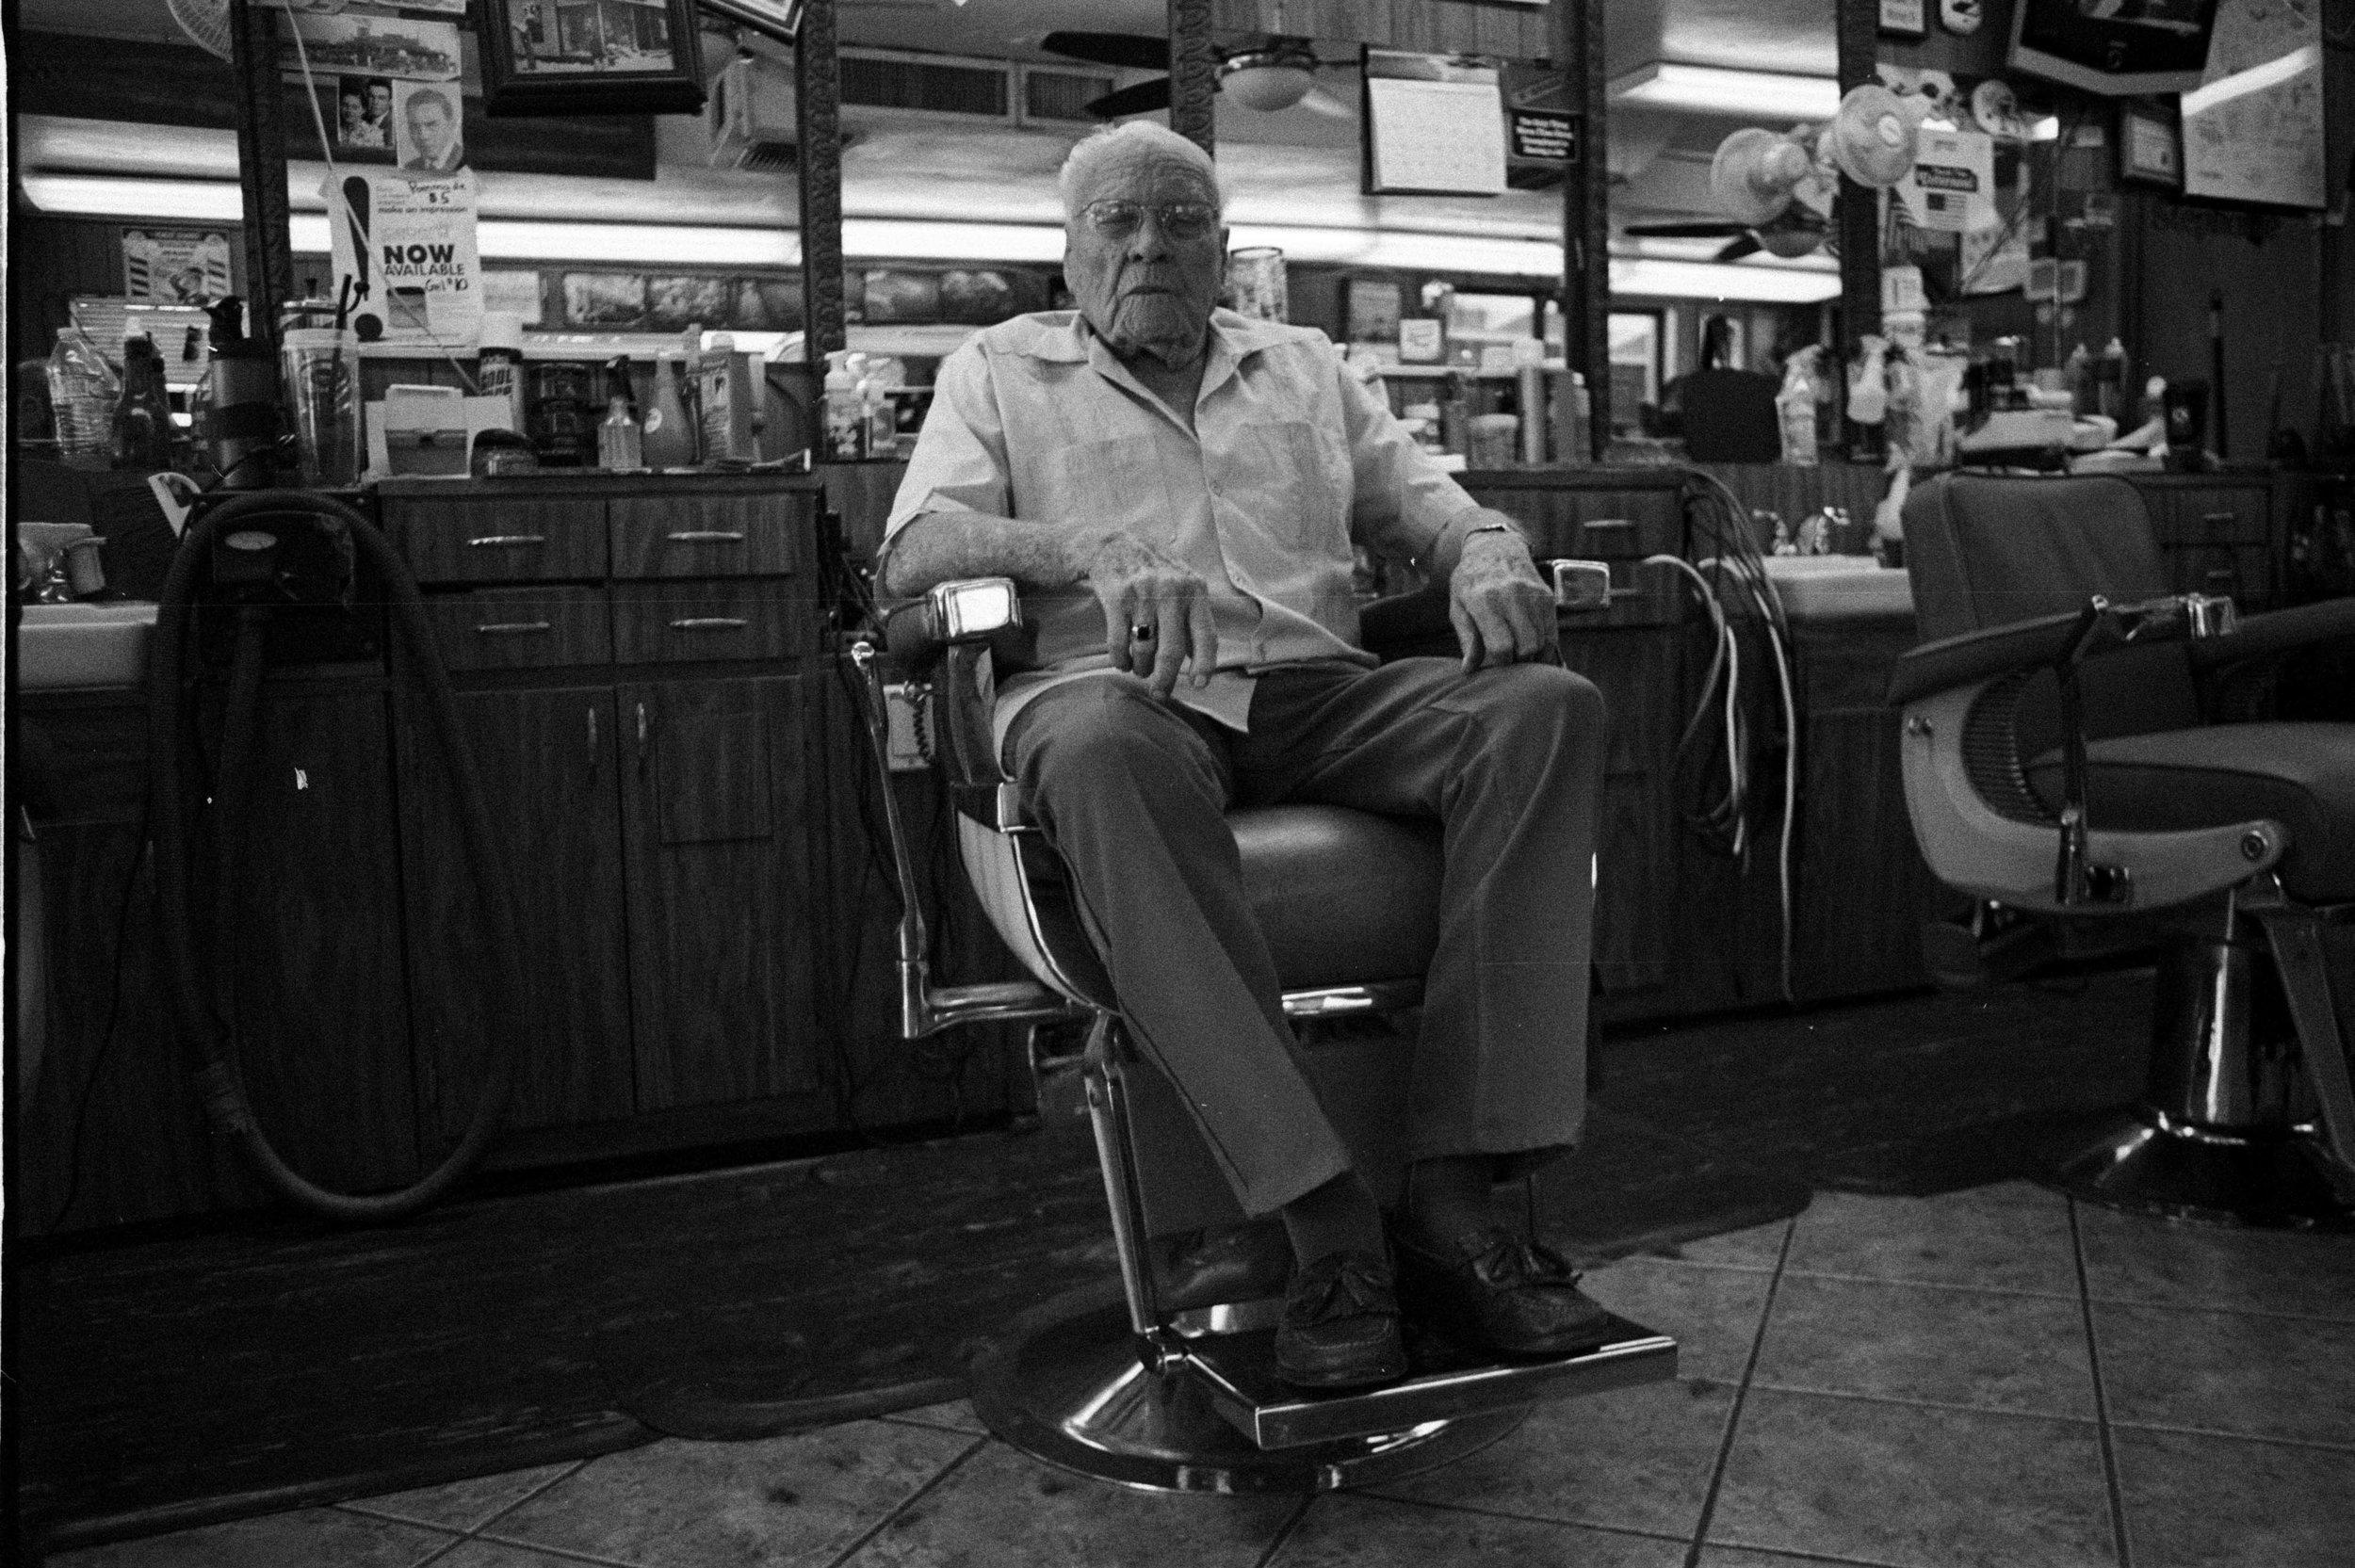 Joe The Barber | Mesa, Arizona 2016